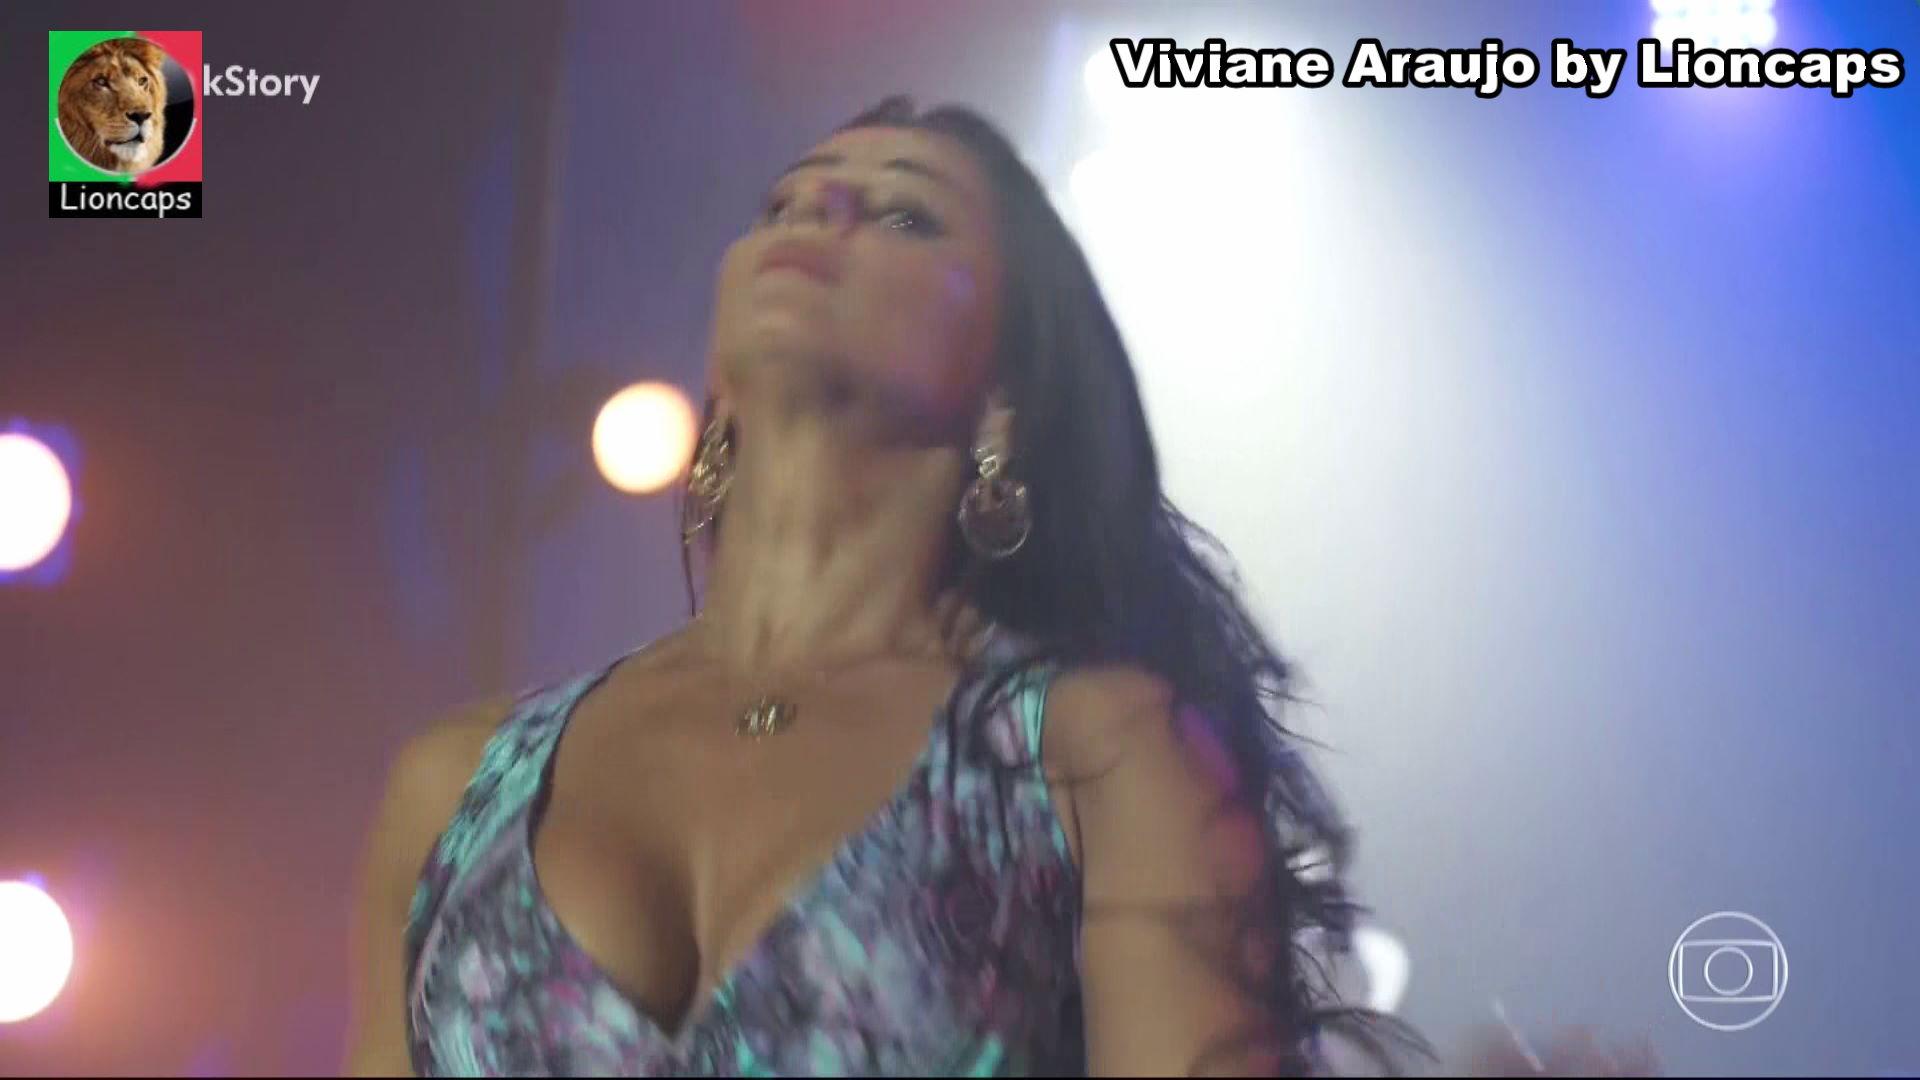 680944628_viviane_araujo_vs181201_15812_122_191lo.JPG